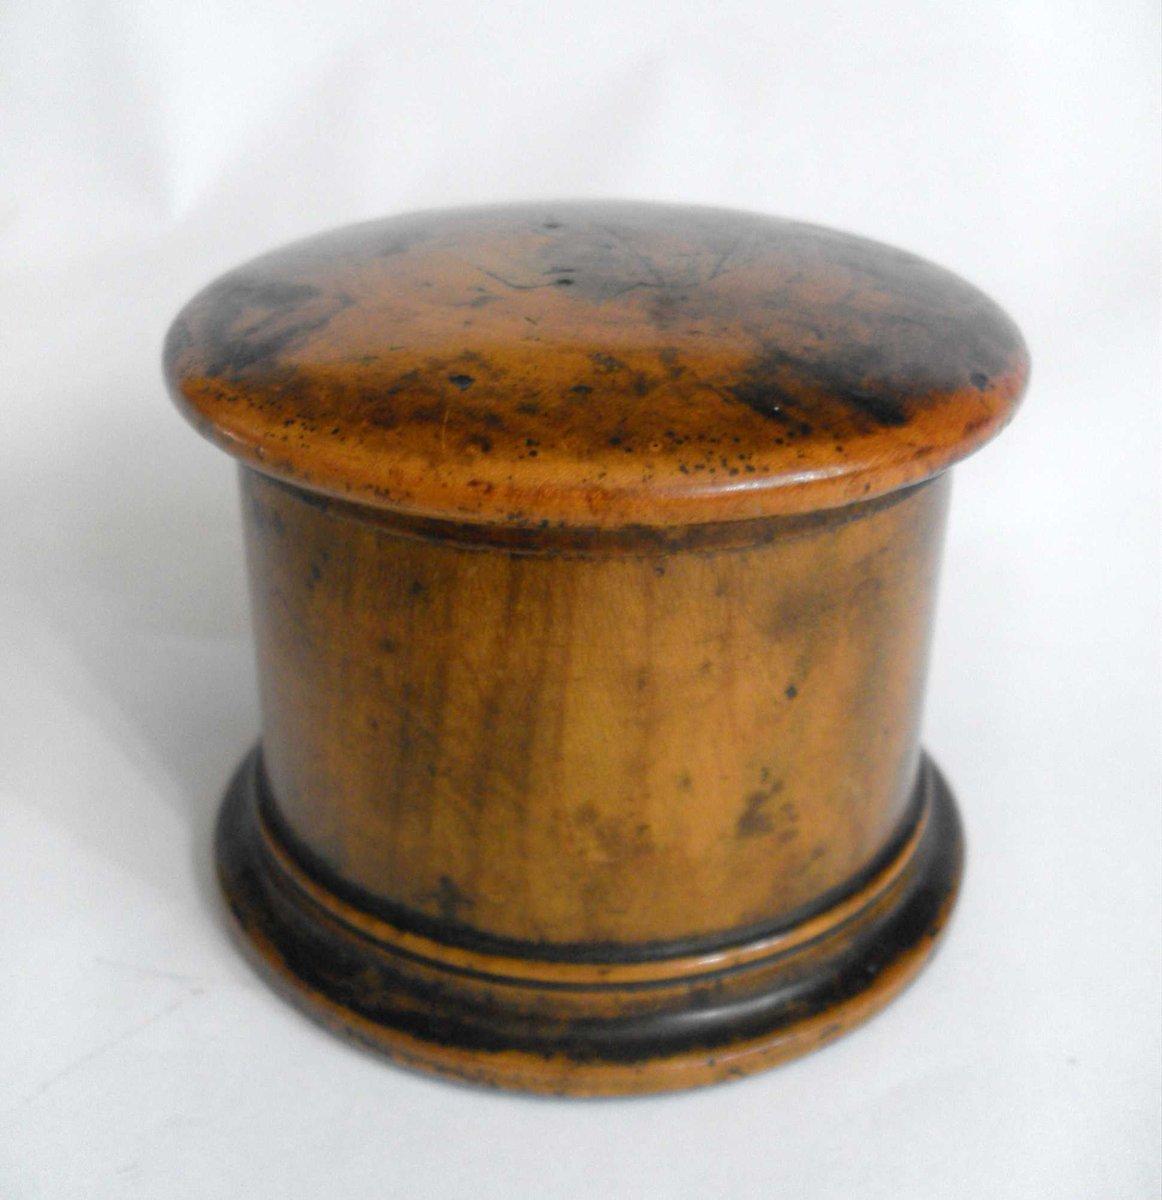 #CCUK4S 11696 #FollowVintage #WDYT #antiqueclique #eShopsUK #noths  #giftideas #antiques #boxes #desktop #treenpic.twitter.com/npVf7cpDT8 - CartersCollectablesUK: Antique, Vintage Etc Things On Twitter